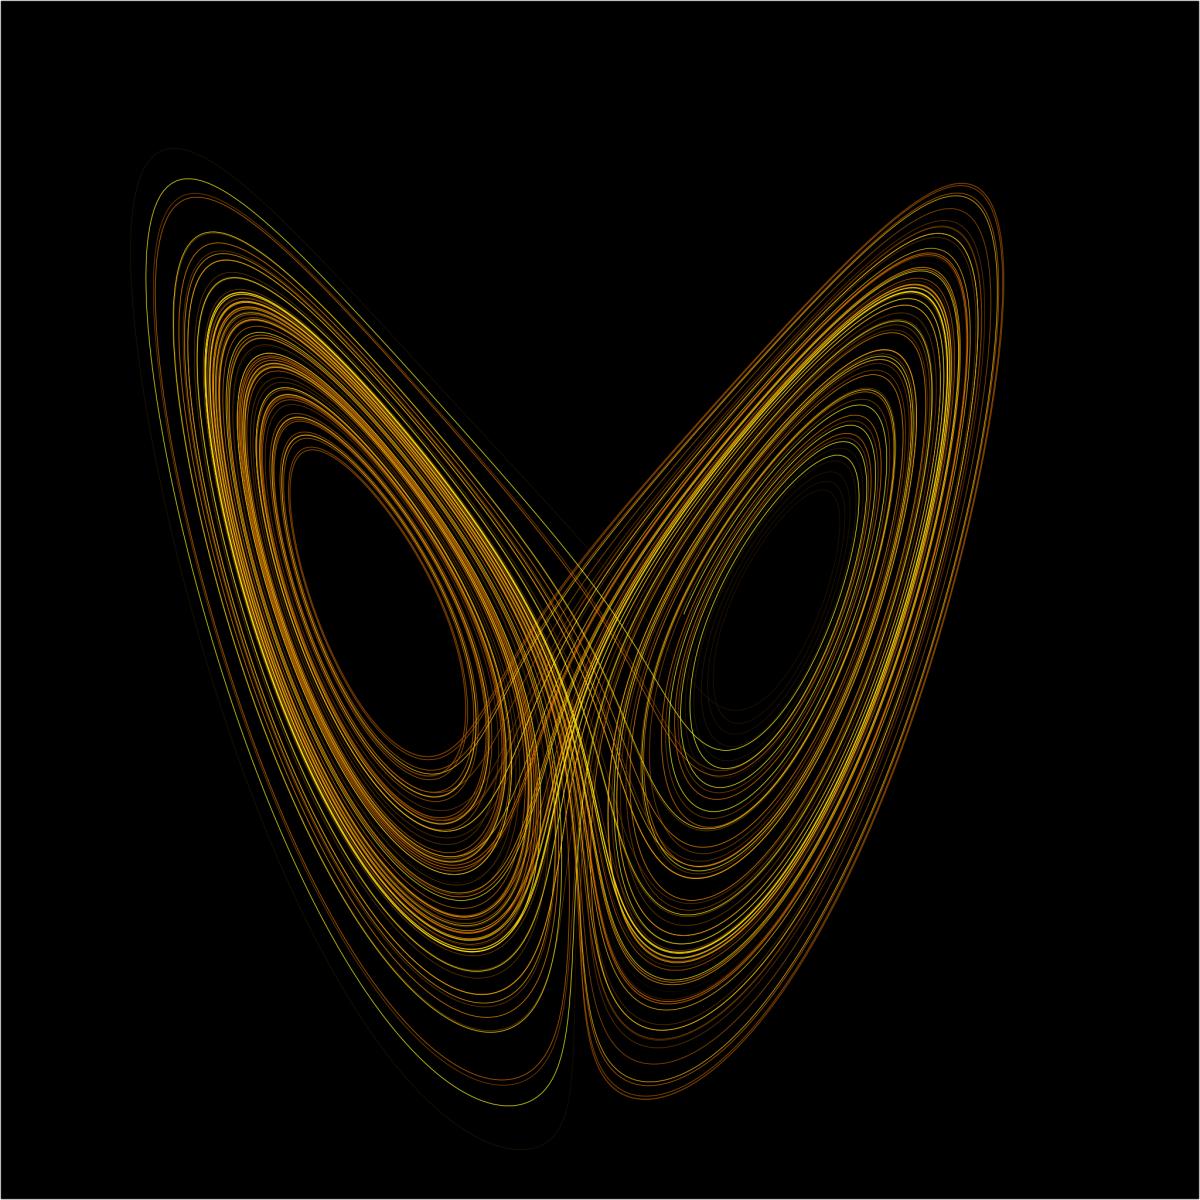 ကစဥ့္ကလ်ား ျဖစ္ျခင္း (သို ့မဟုတ္) Chaos Theory(Butterfly Effect)